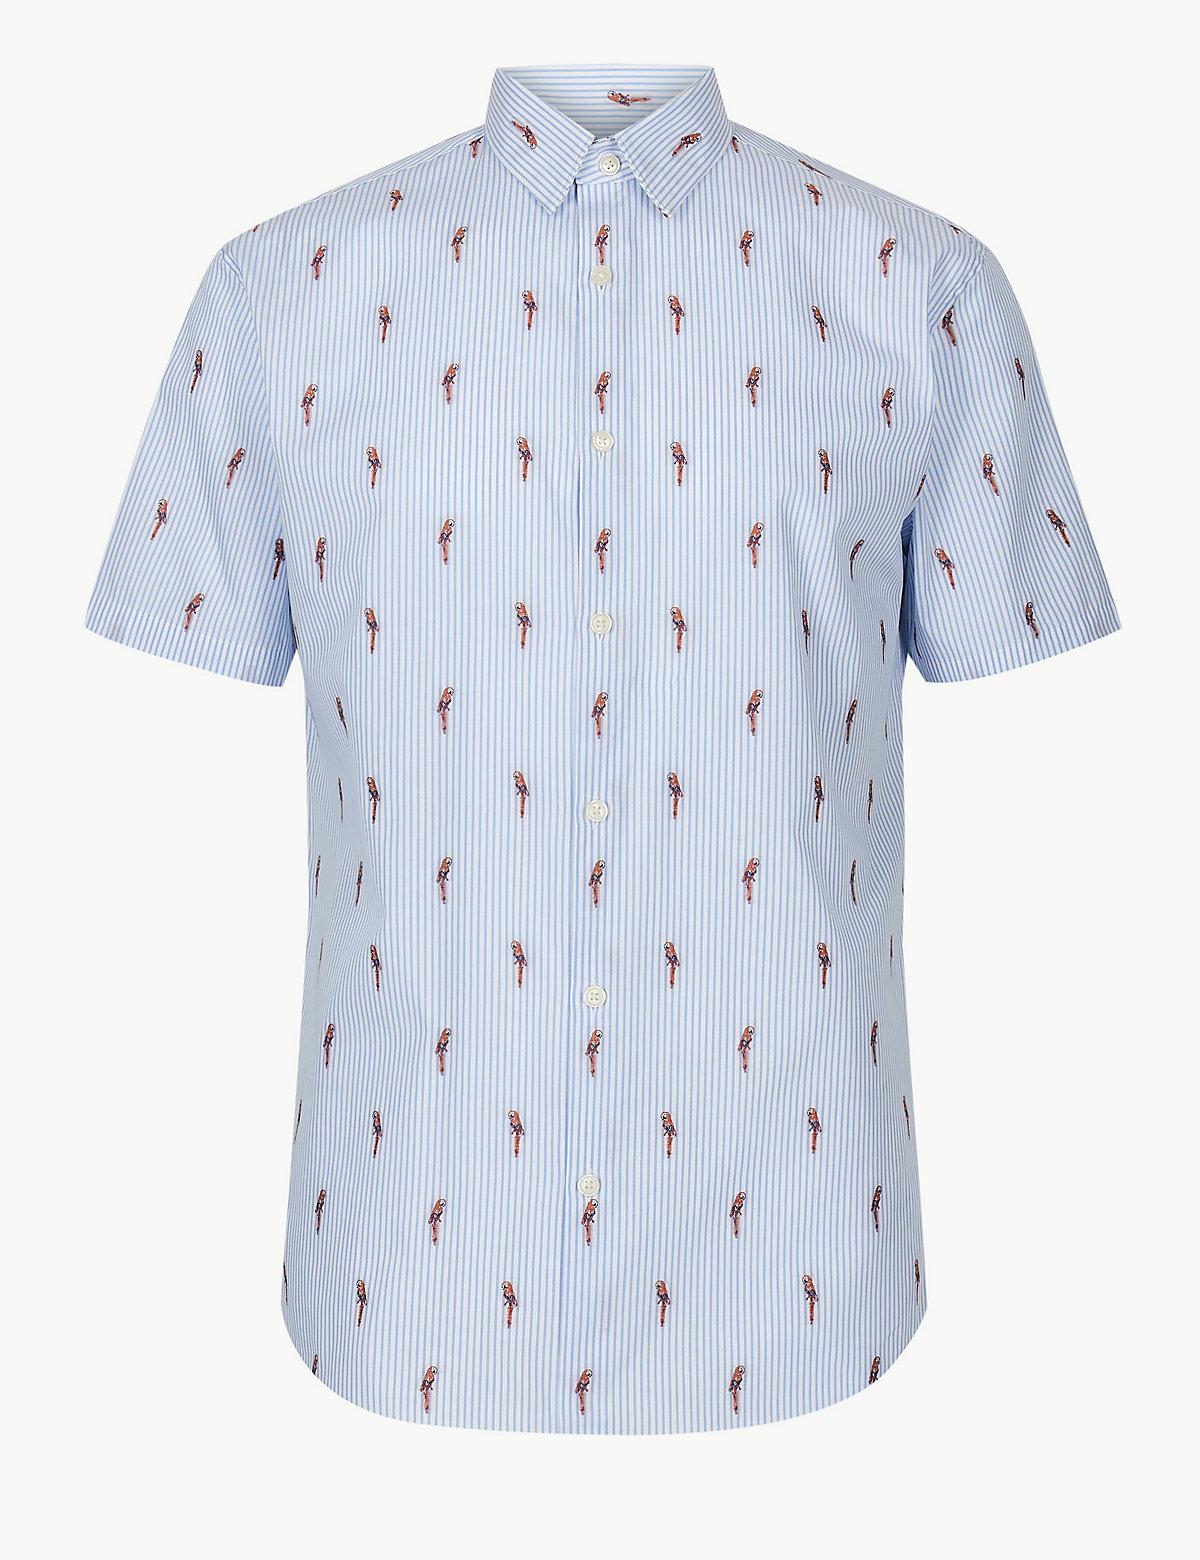 Рубашка с принтом Попугай и коротким рукавом